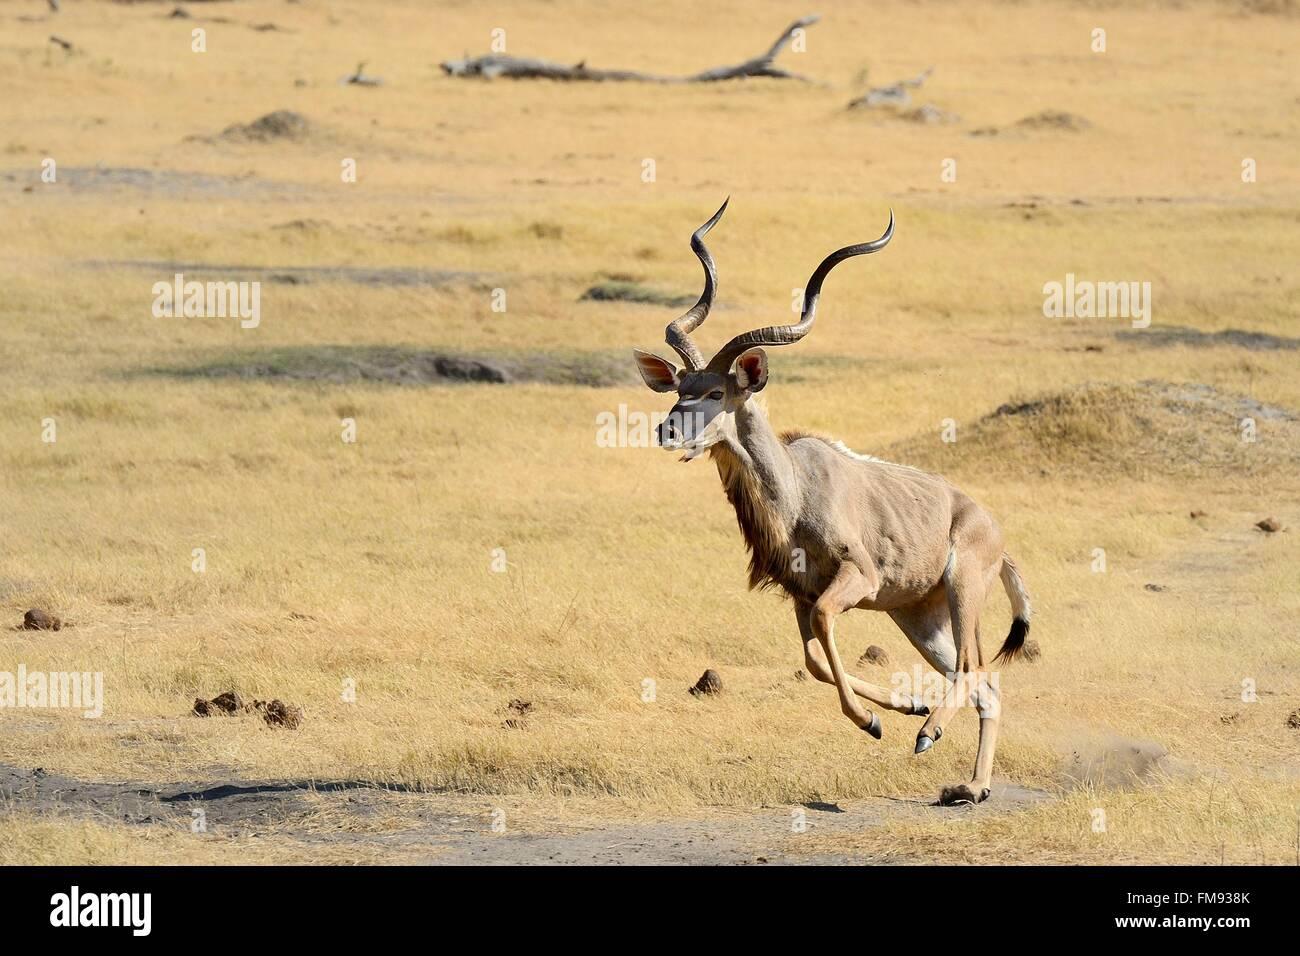 Zimbabwe, Matabeleland North Province, Hwange National Park, greater kudu (Tragelaphus strepsiceros) running Stock Photo